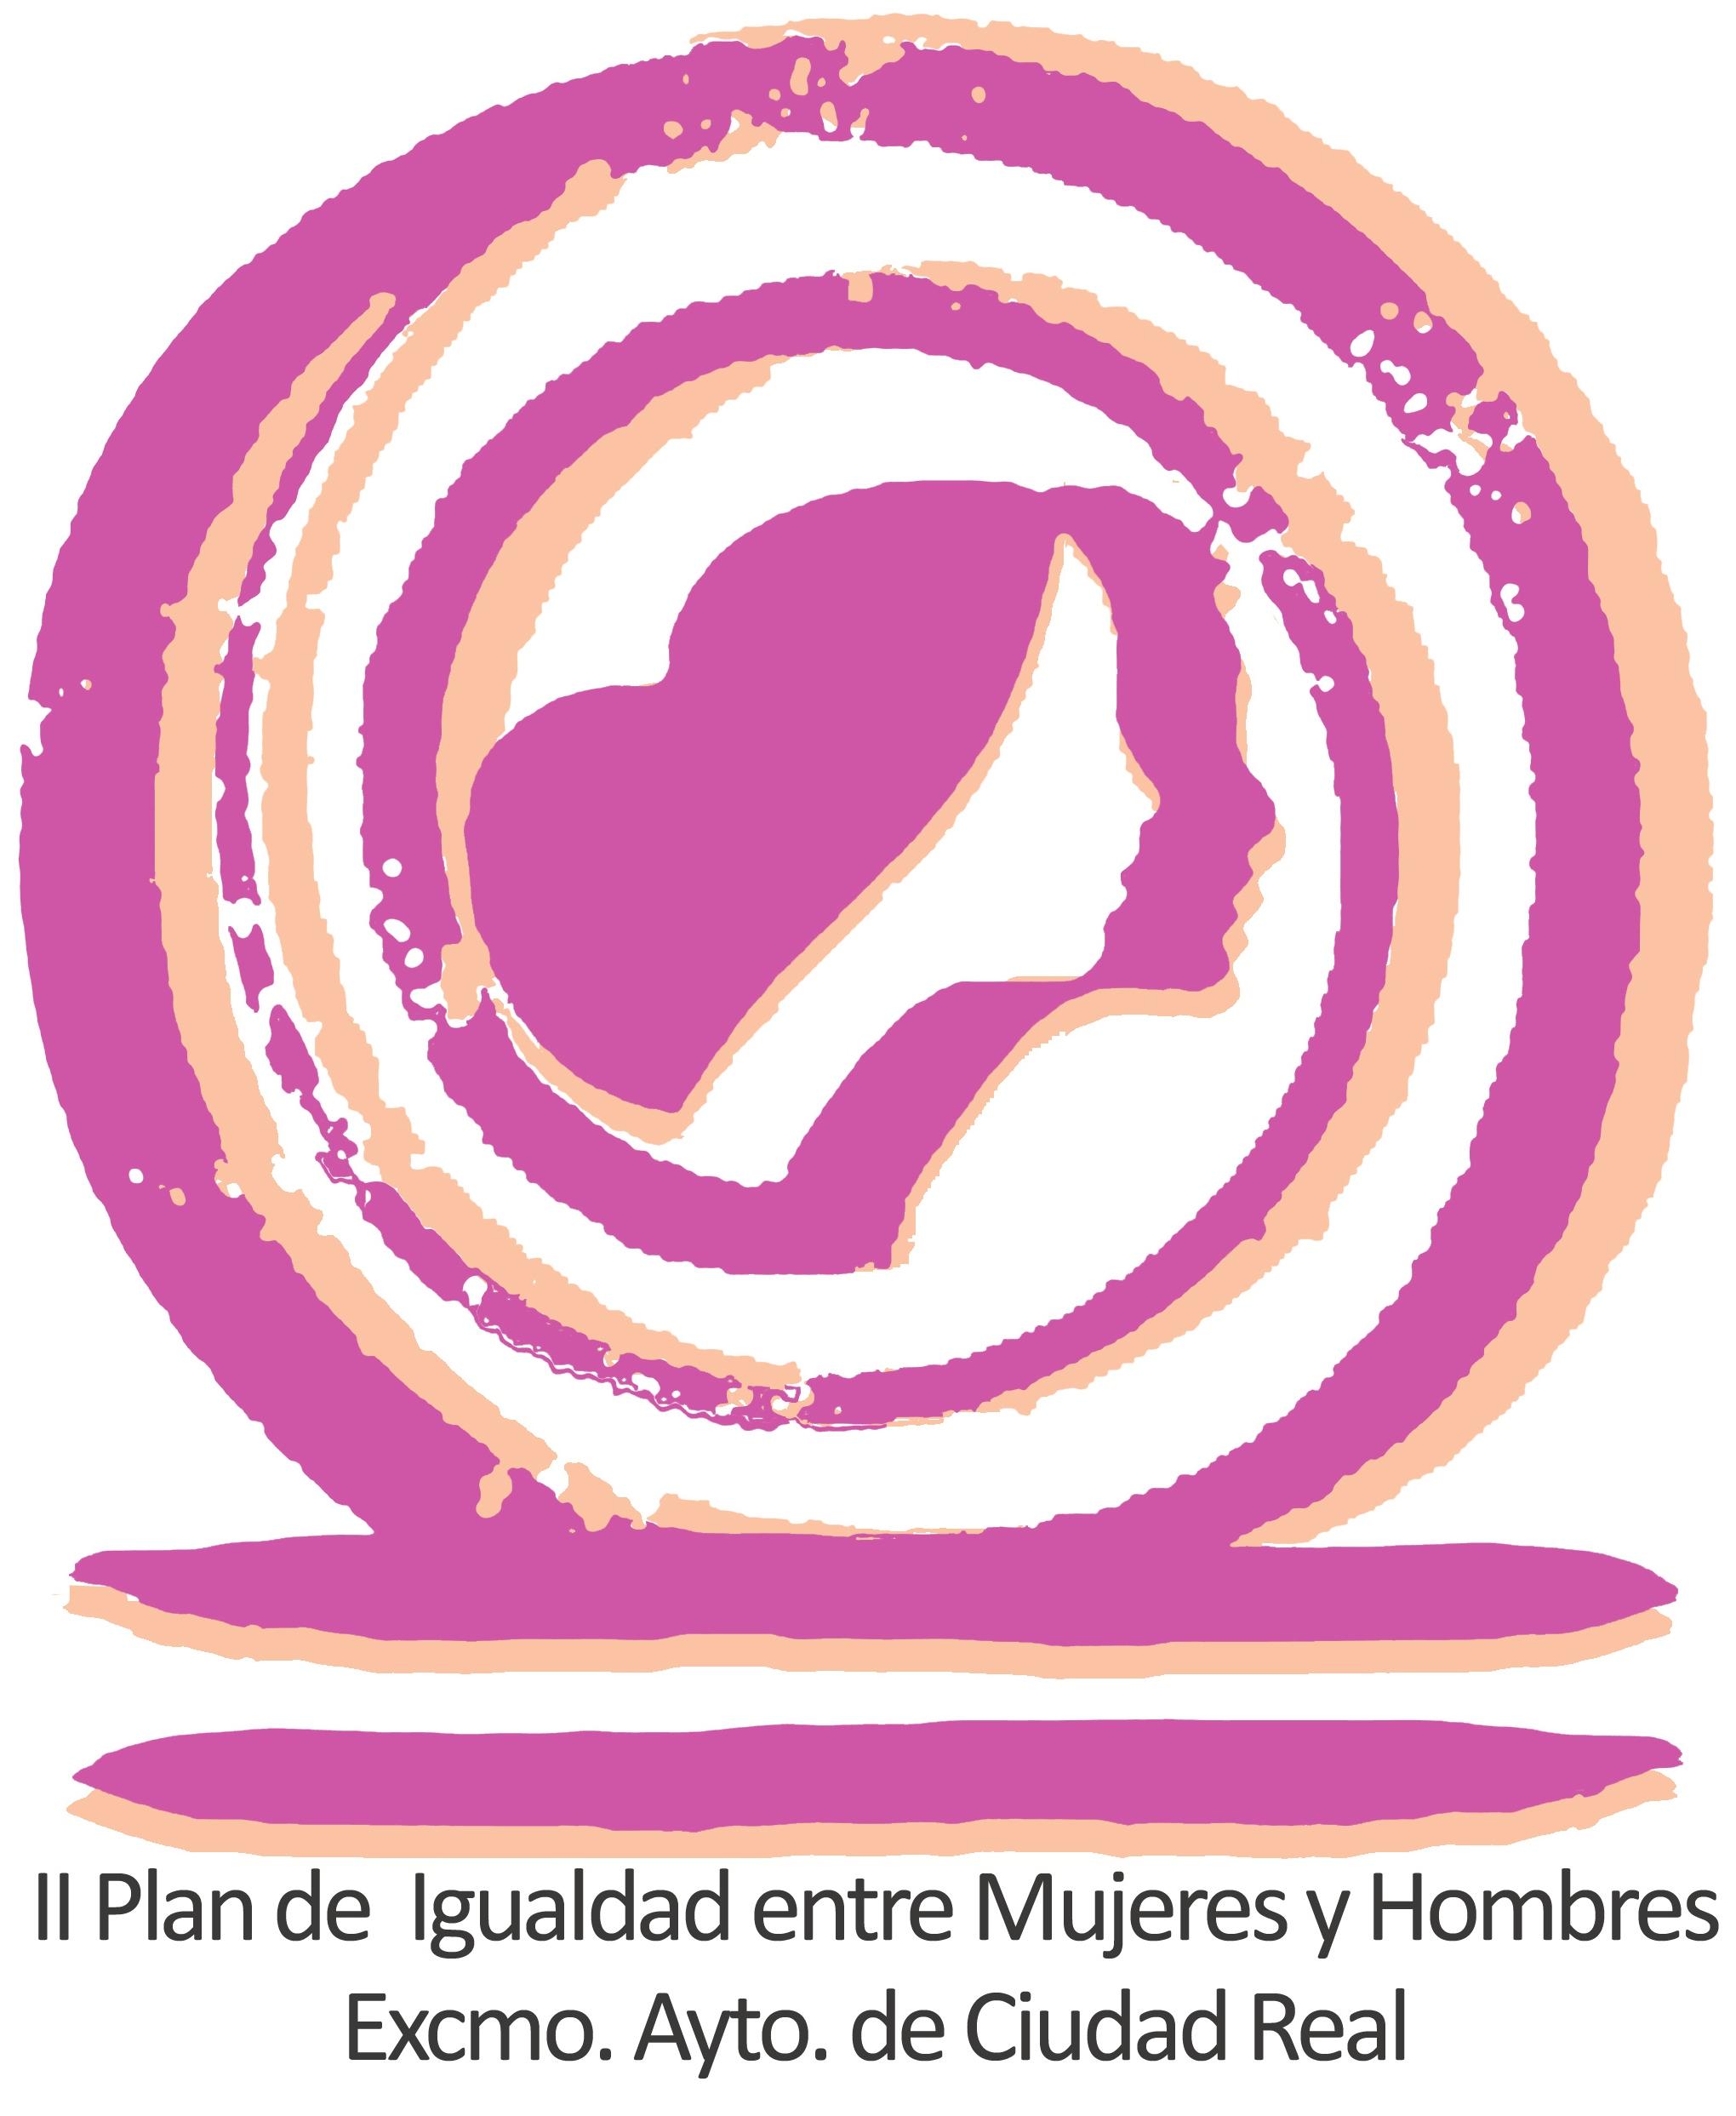 Logotipo II PLAN DE IGUALDAD copia